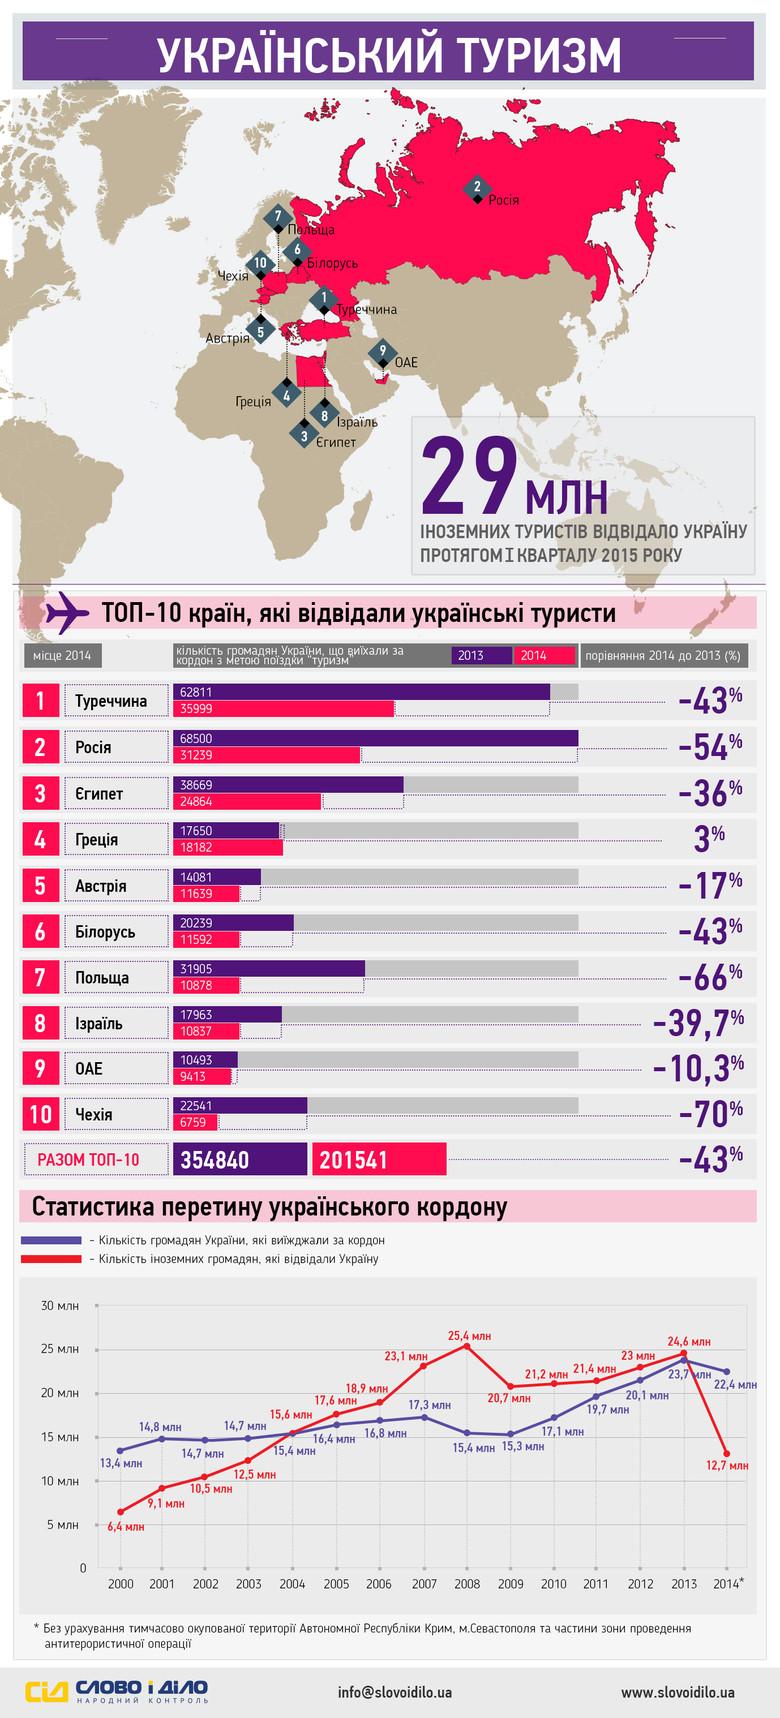 У 2013 році кількість громадян України, які виїхали за кордон з метою поїздки «туризм» перевалила відмітку у 350 тисяч осіб. А от 2014 рік ознаменувався суттєвим зменшенням відвідувань закордону українцями.